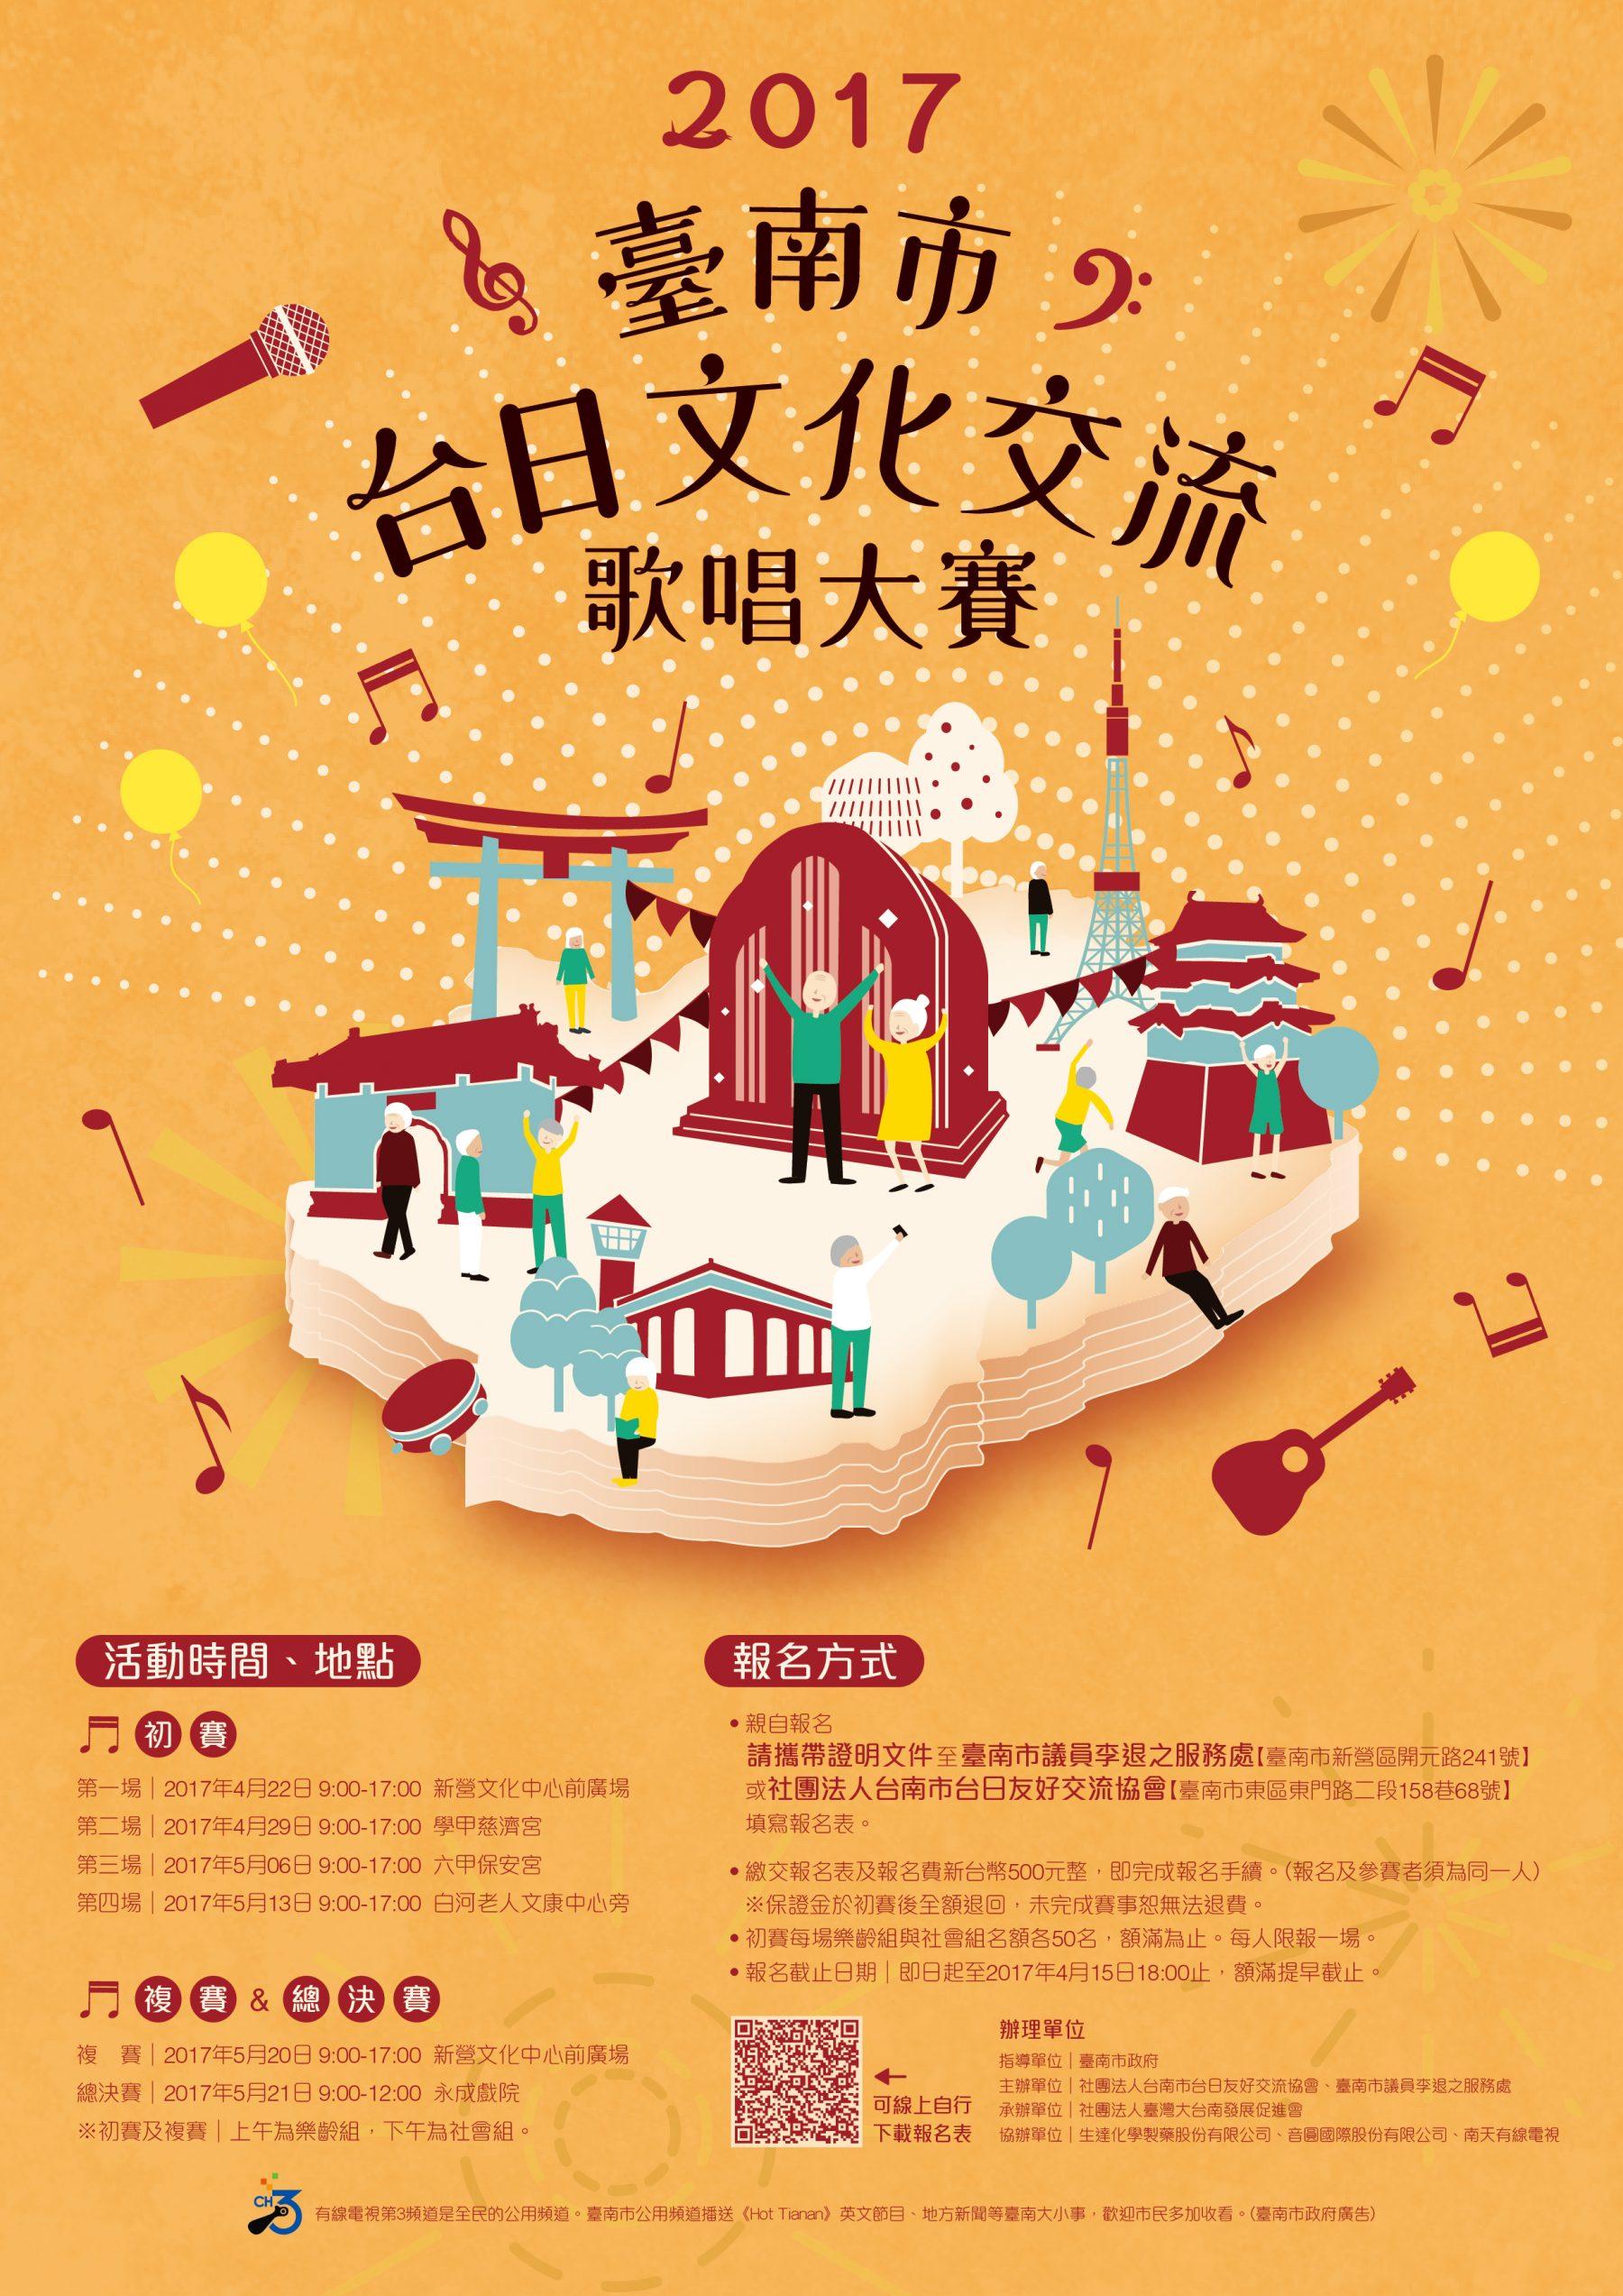 201703台南市台日文化交流歌唱大賽插畫海報設計